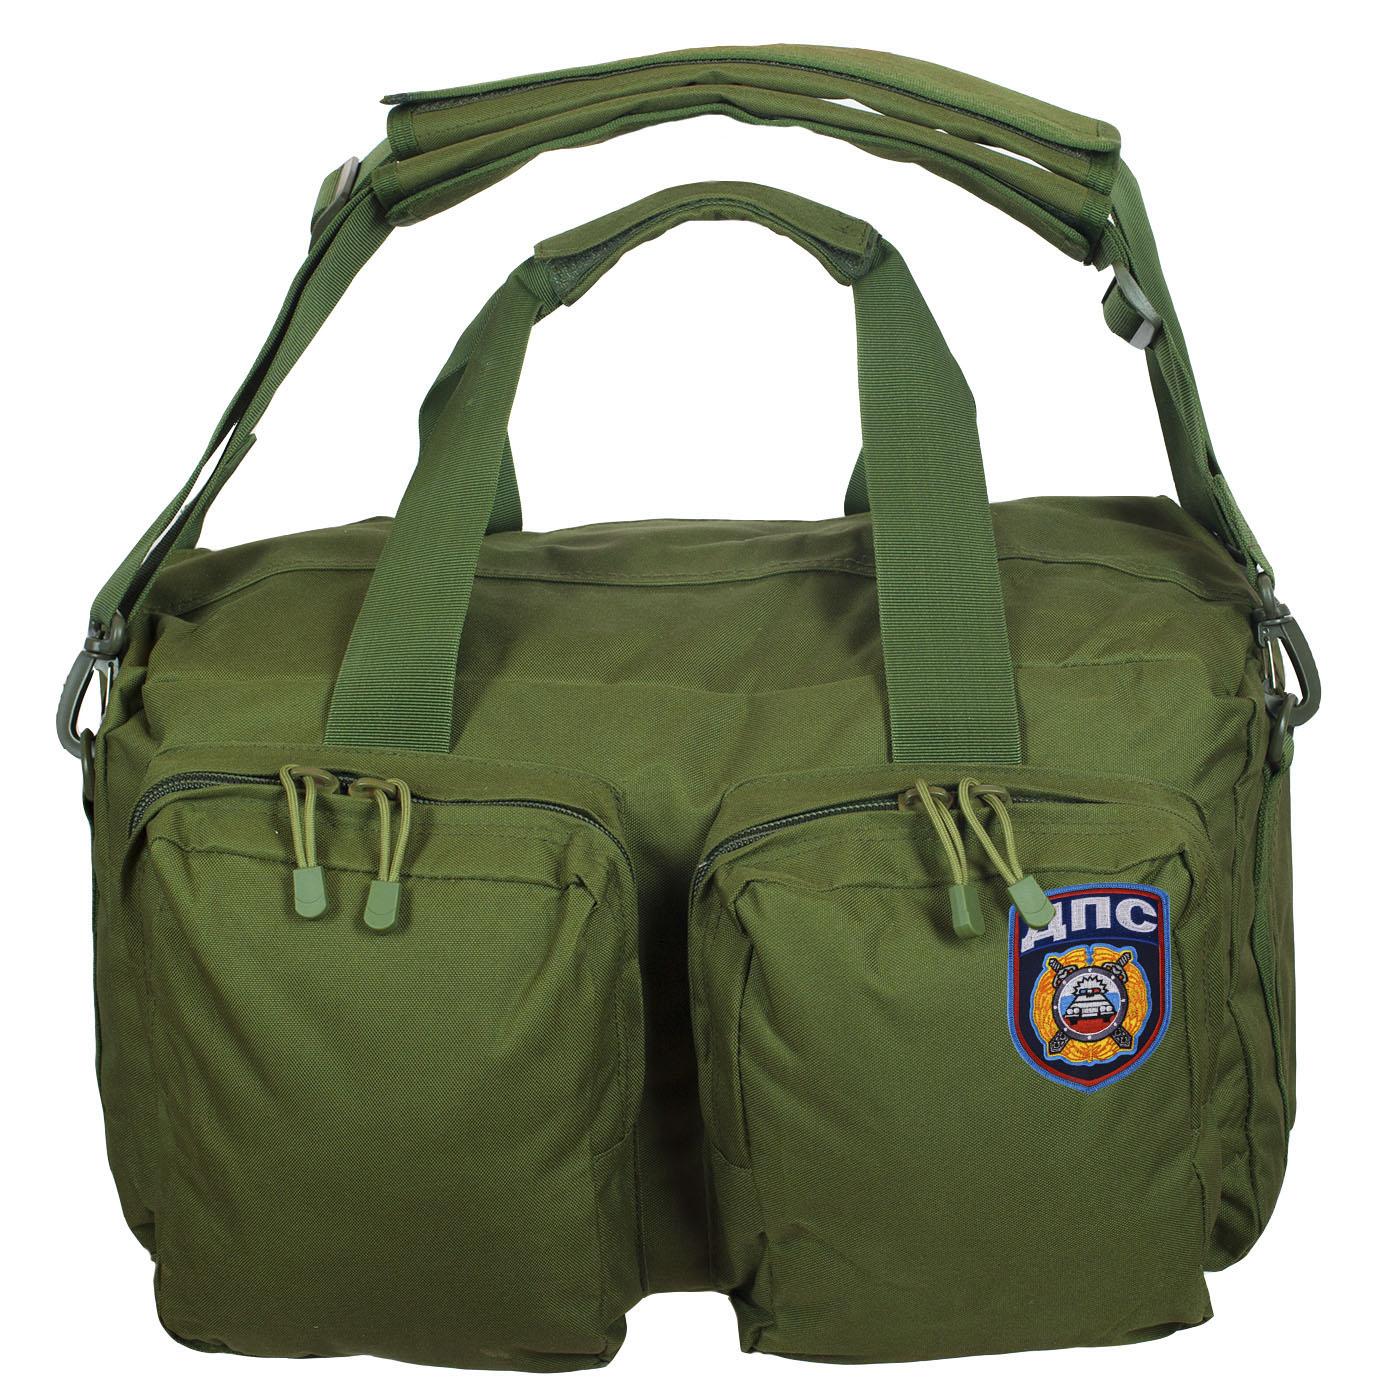 Тактическая походная сумка-рюкзак с нашивкой ДПС